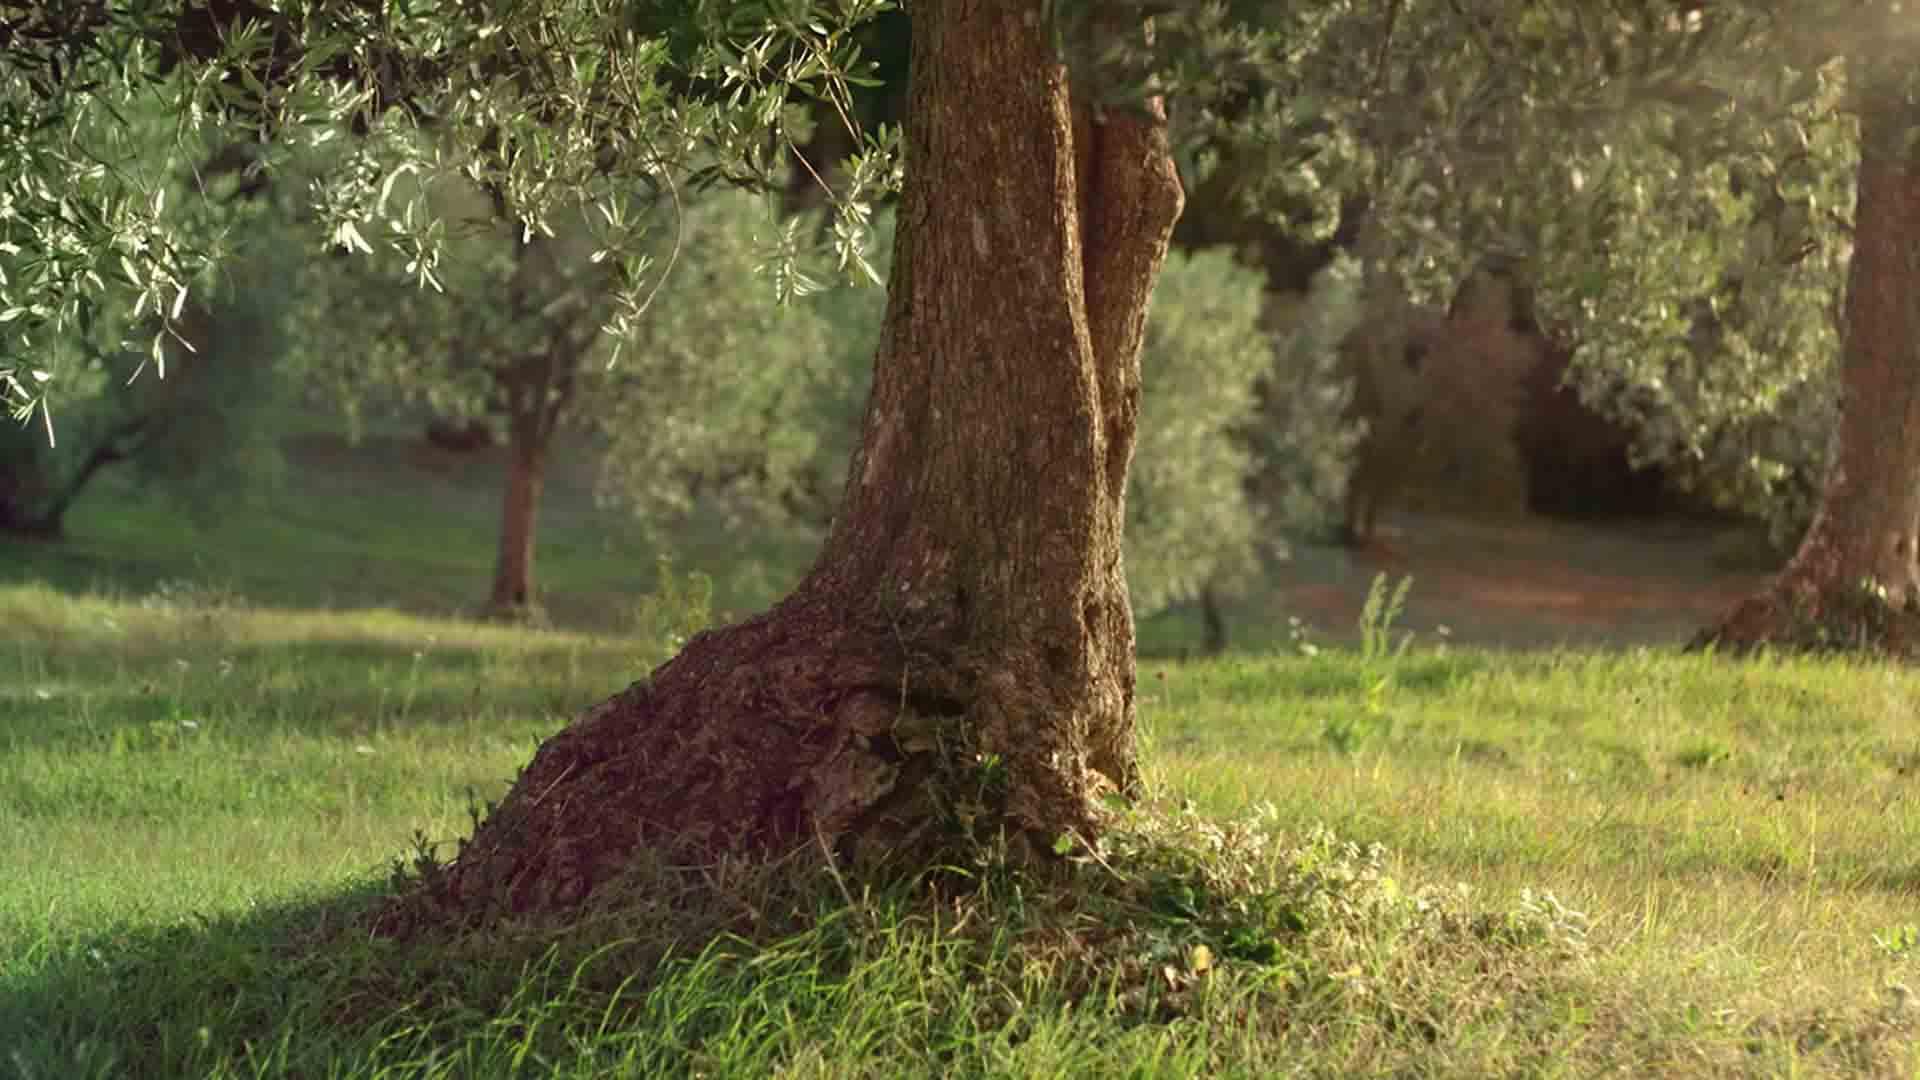 Das Bild zeigt einen Baumstamm. Dieser steht in der Mitte einer Wiese. Die Wiese ist grün. Der Hintergrund zeigt noch mehr Bäume, diese sind jedoch nicht gut zu erkennen, da sie verschwommen sind. Das Bild dient als Sliderbild für den Portoflioeintrag Kurzfilm Tränen der Olive von Panda Pictures.